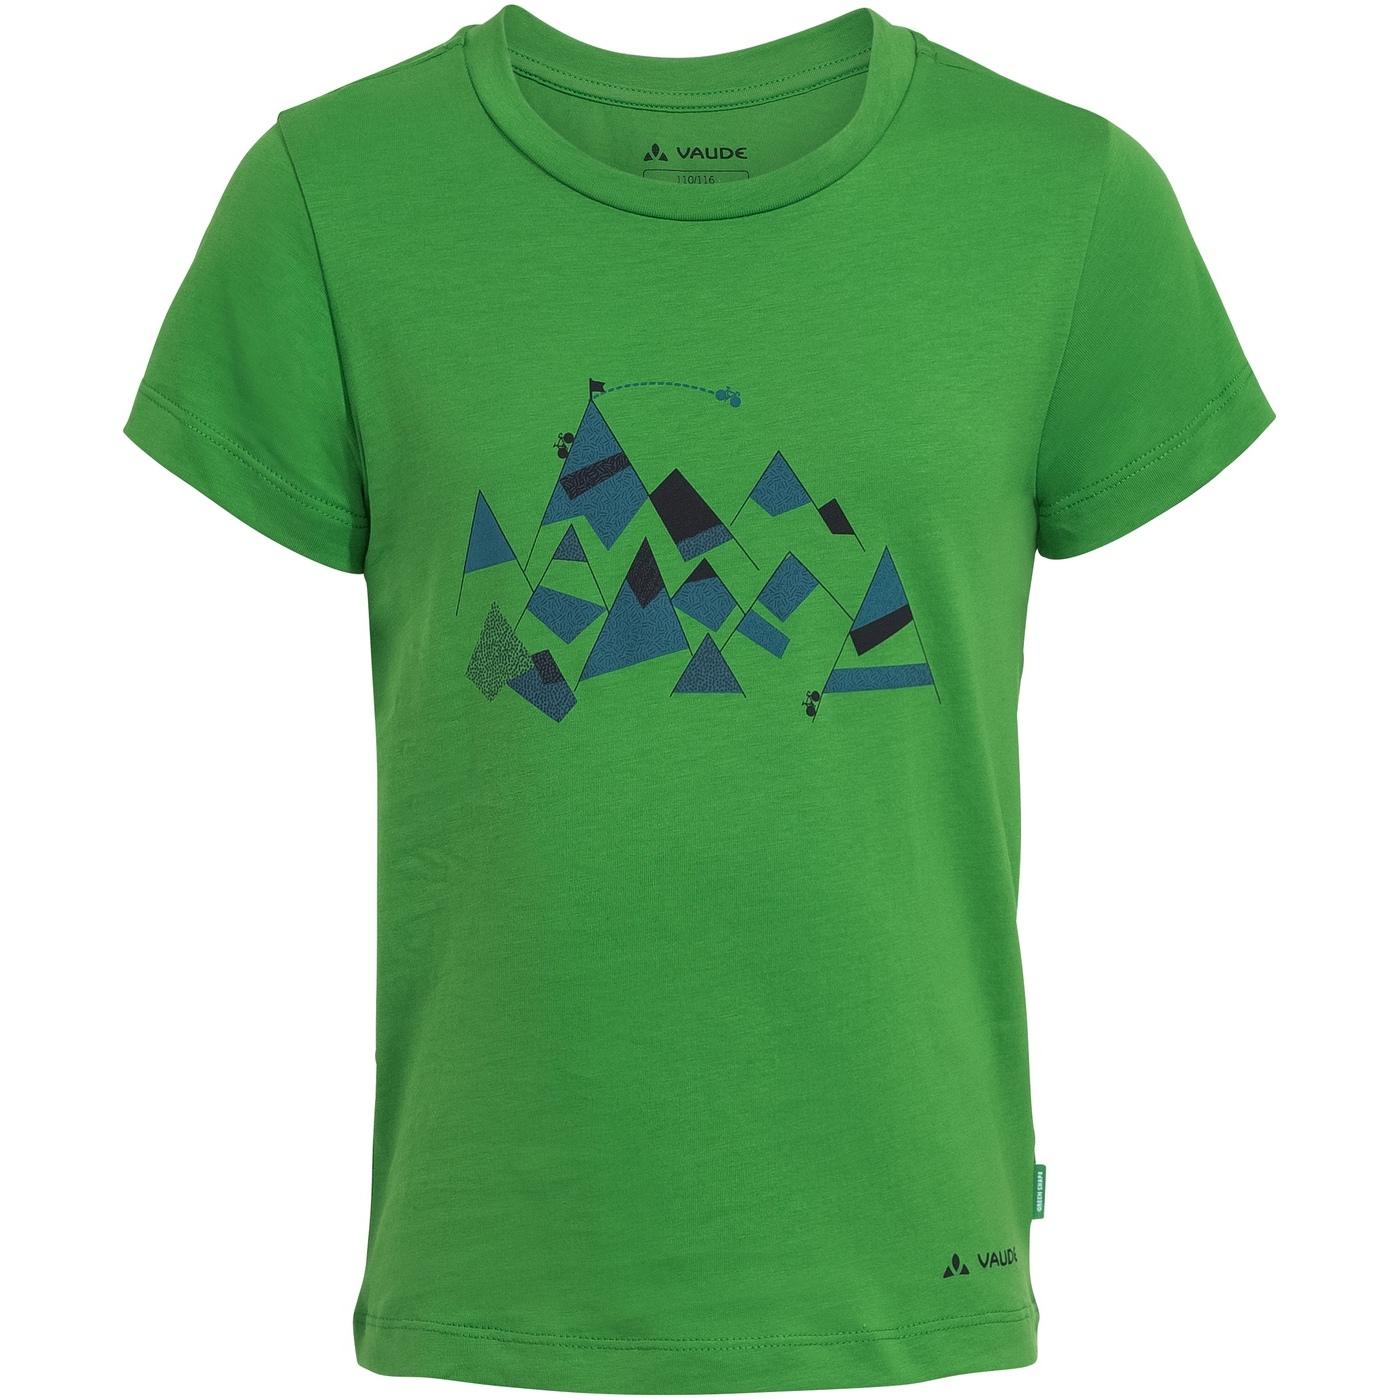 Vaude Kids Lezza T-Shirt - parrot green